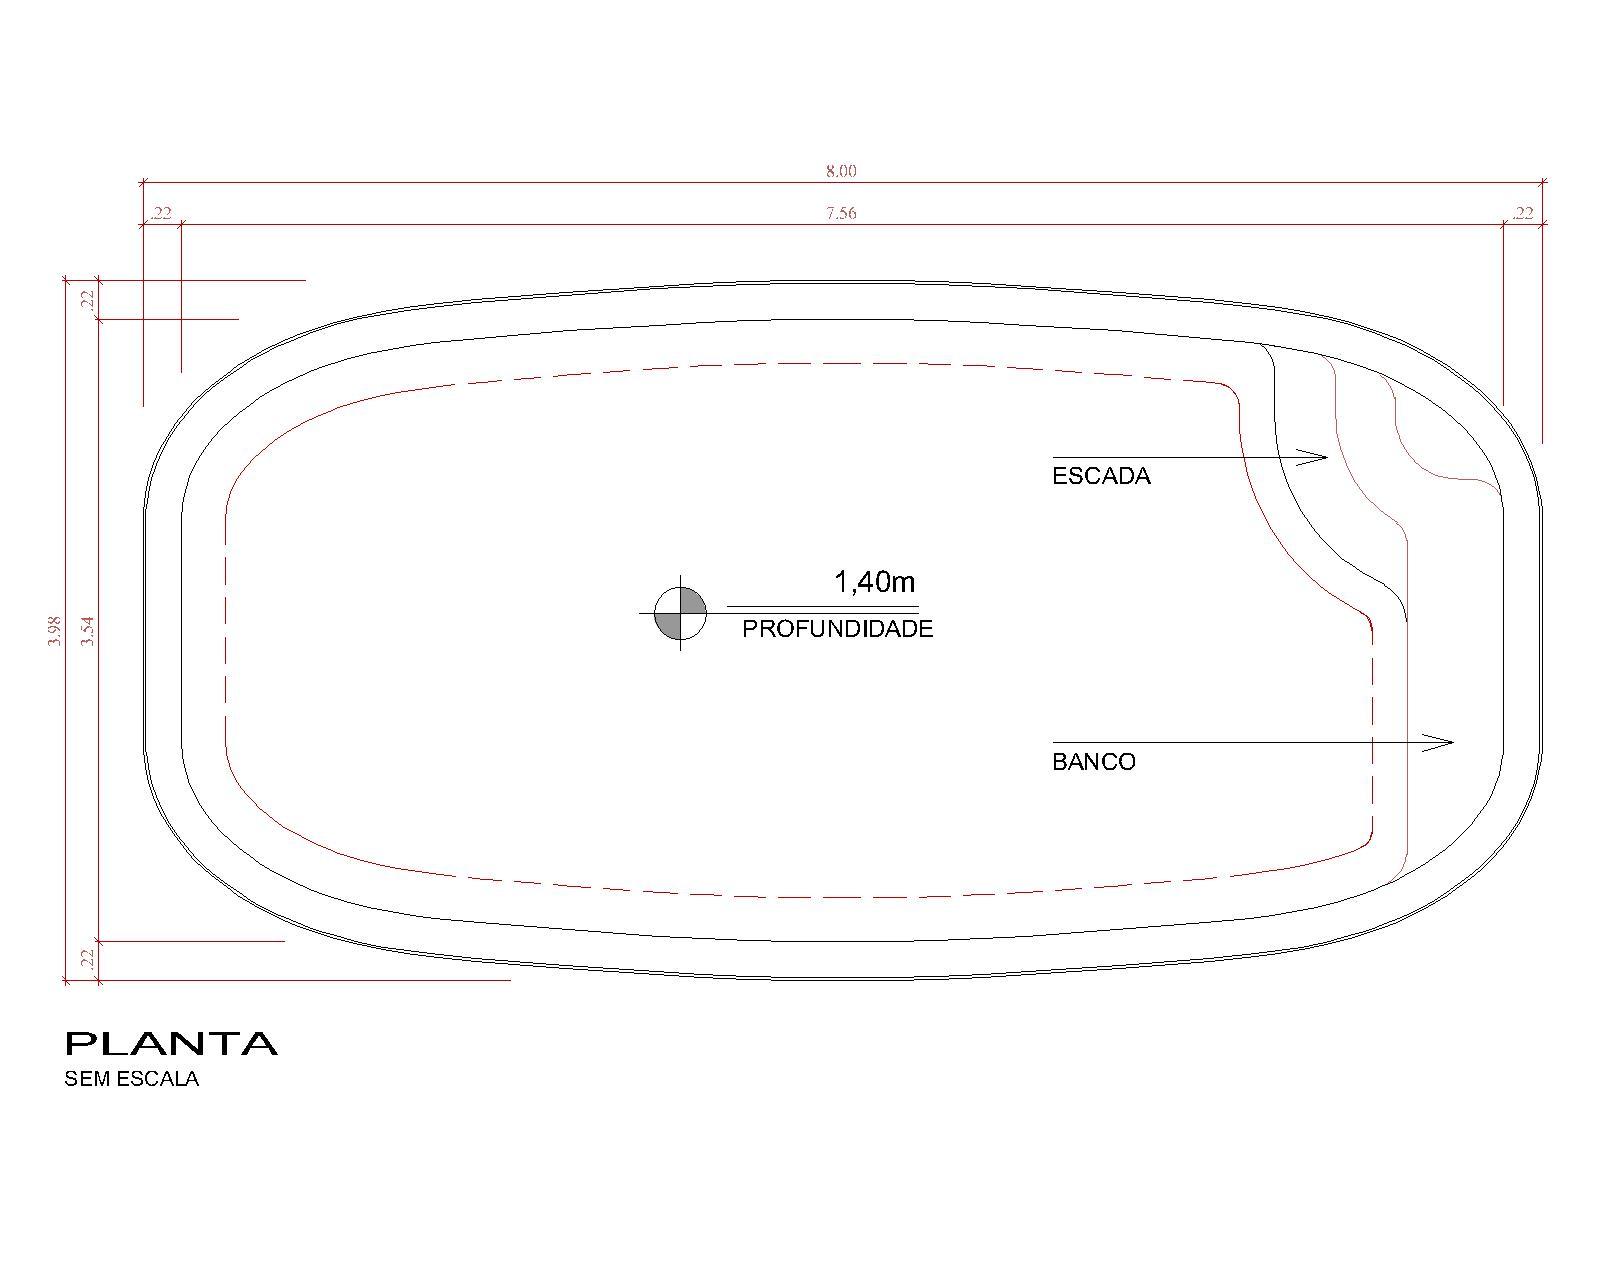 Desenho técnico Bríndice (sem escala)